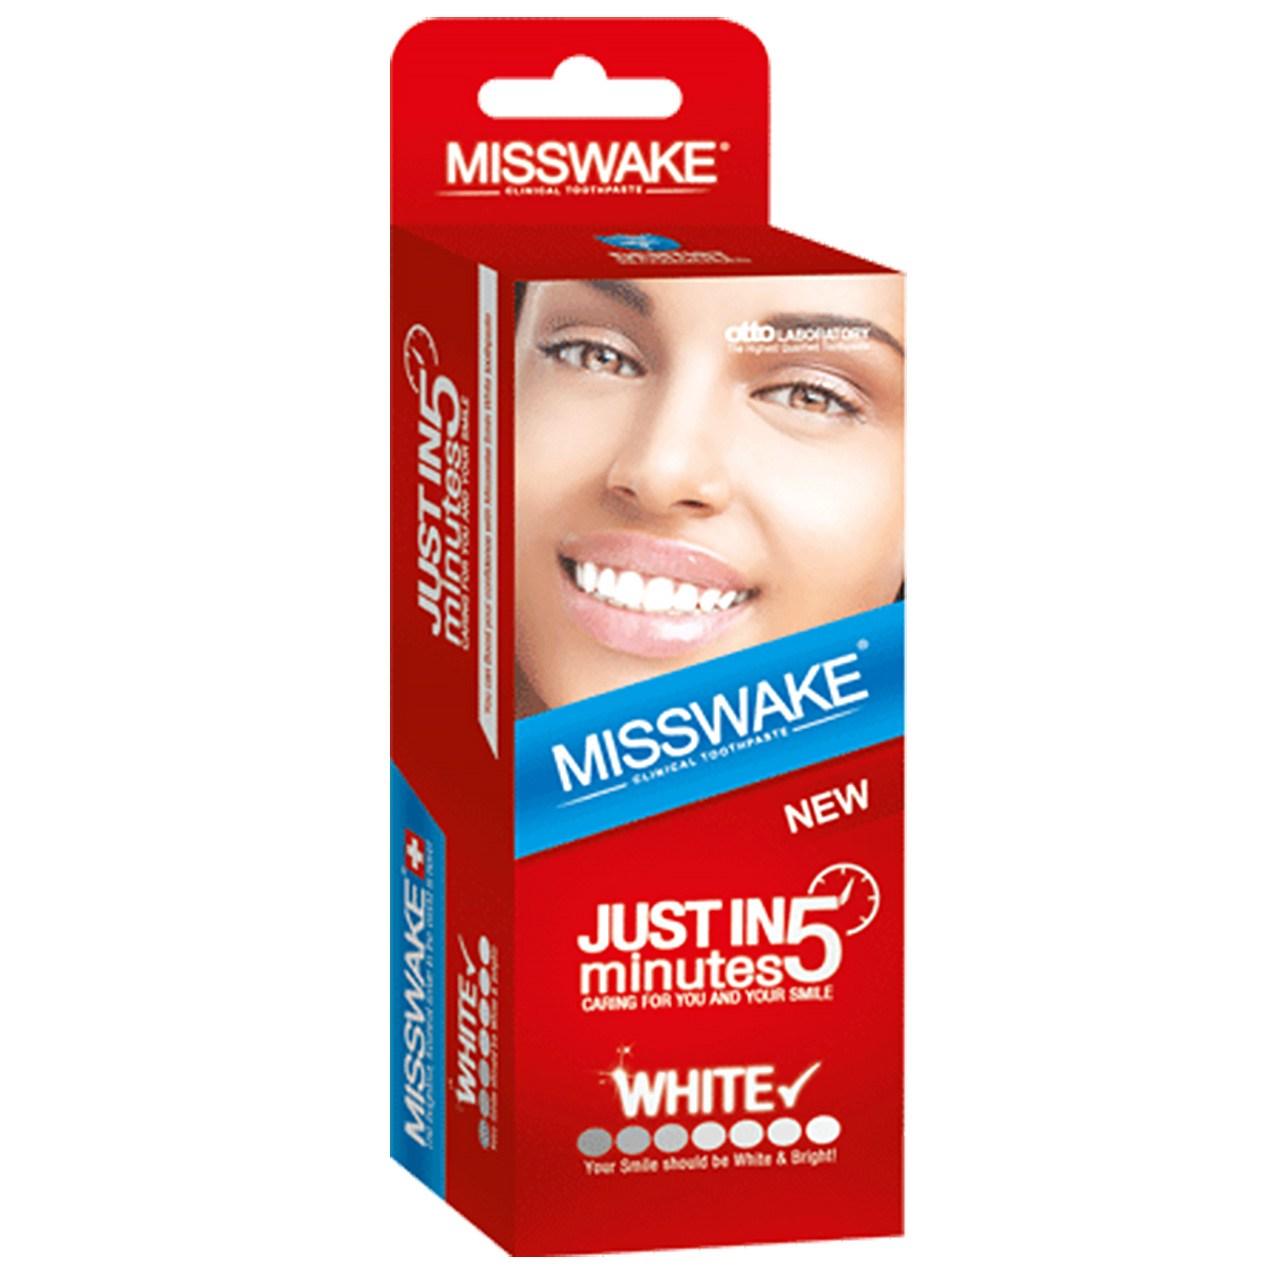 خمیر دندان سفید کننده میسویک مدل Just In 5 Minutes حجم 50 میلی لیتر